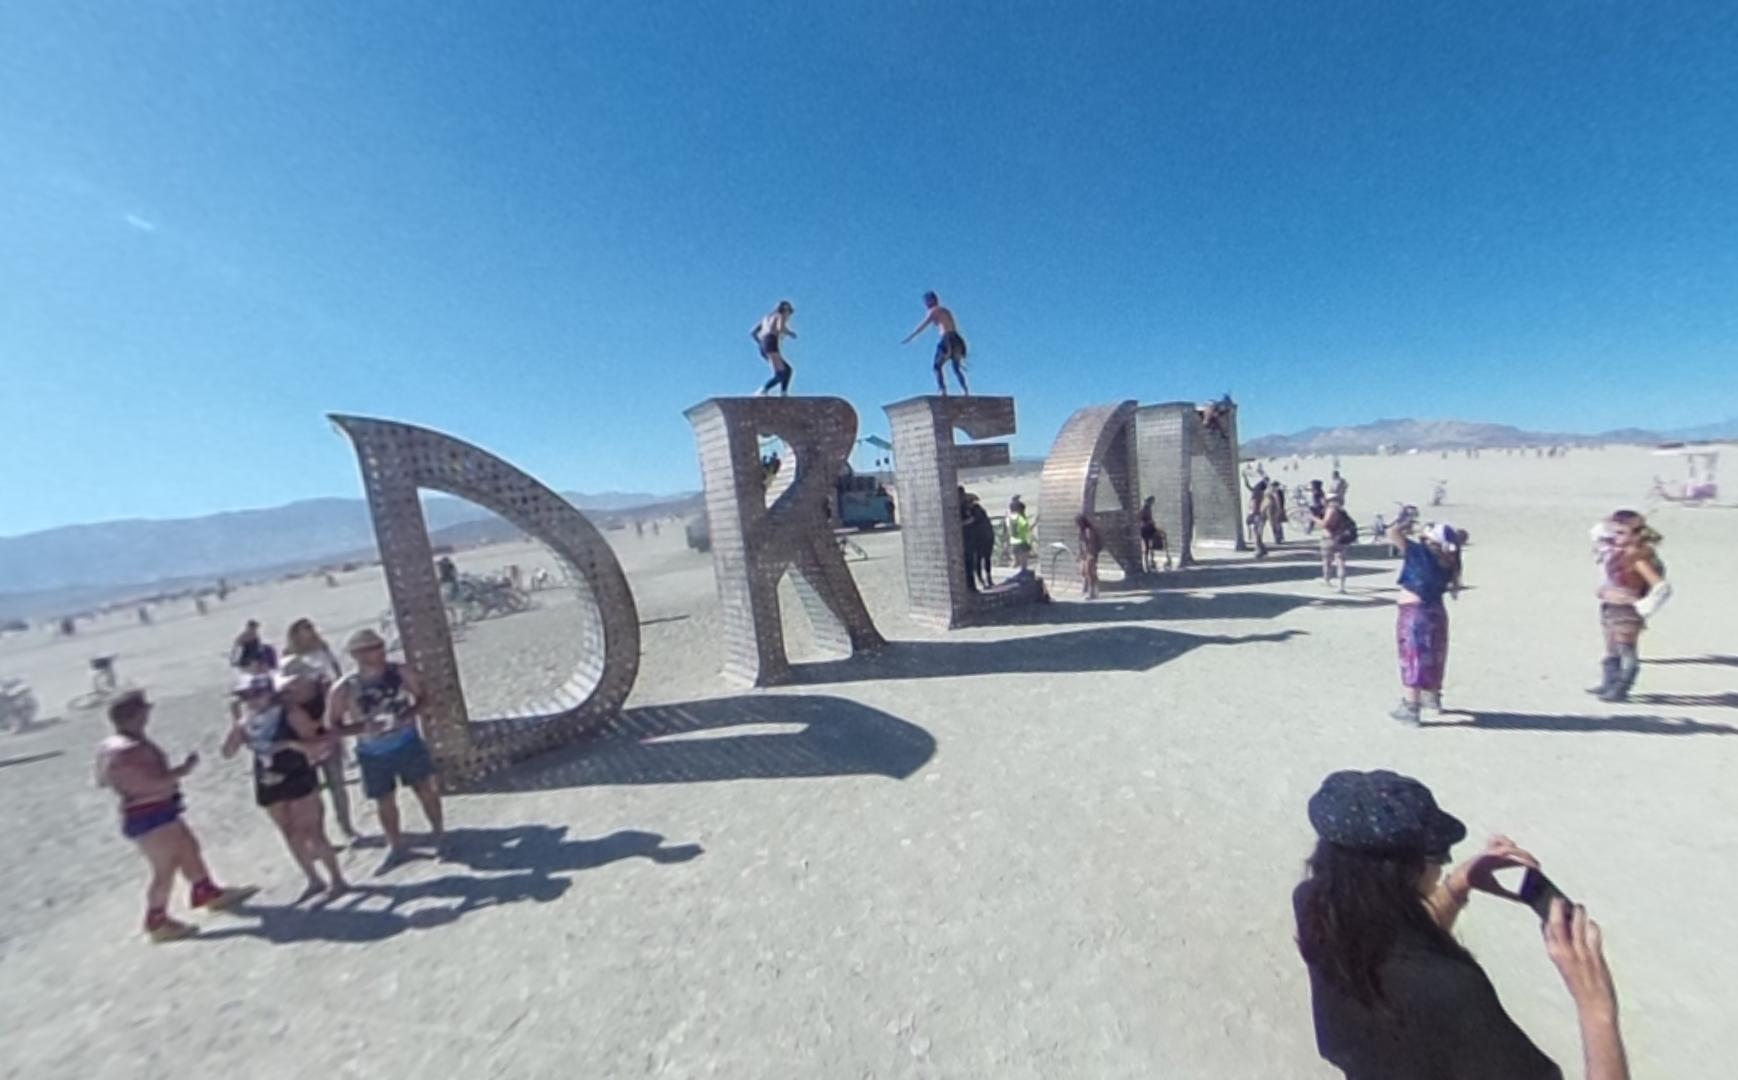 Look around at Burning Man 2015